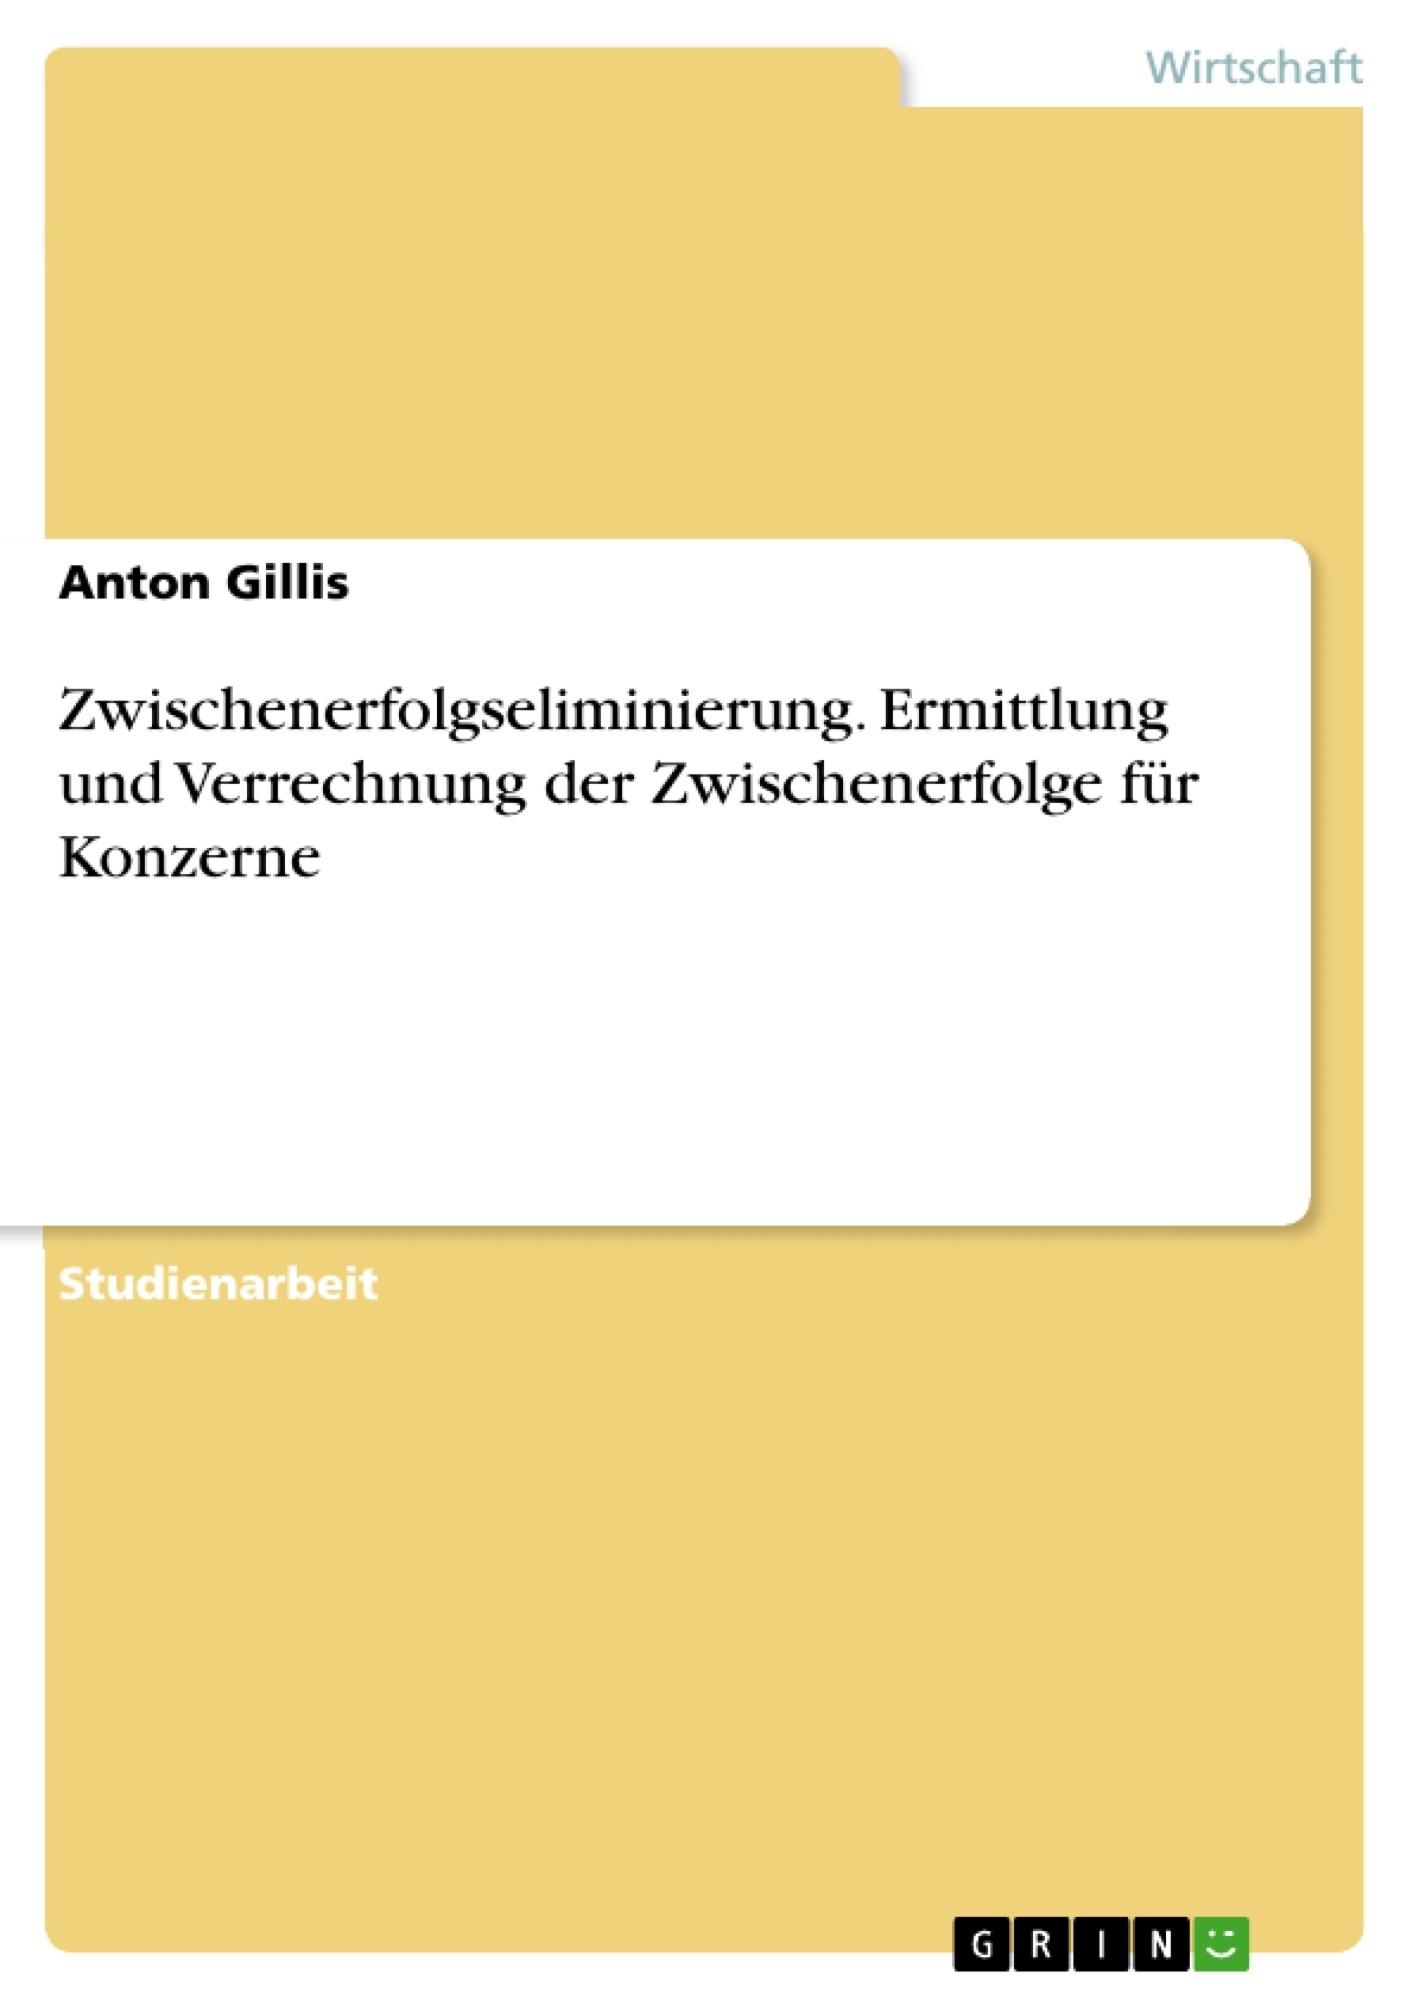 Titel: Zwischenerfolgseliminierung. Ermittlung und Verrechnung der Zwischenerfolge für Konzerne